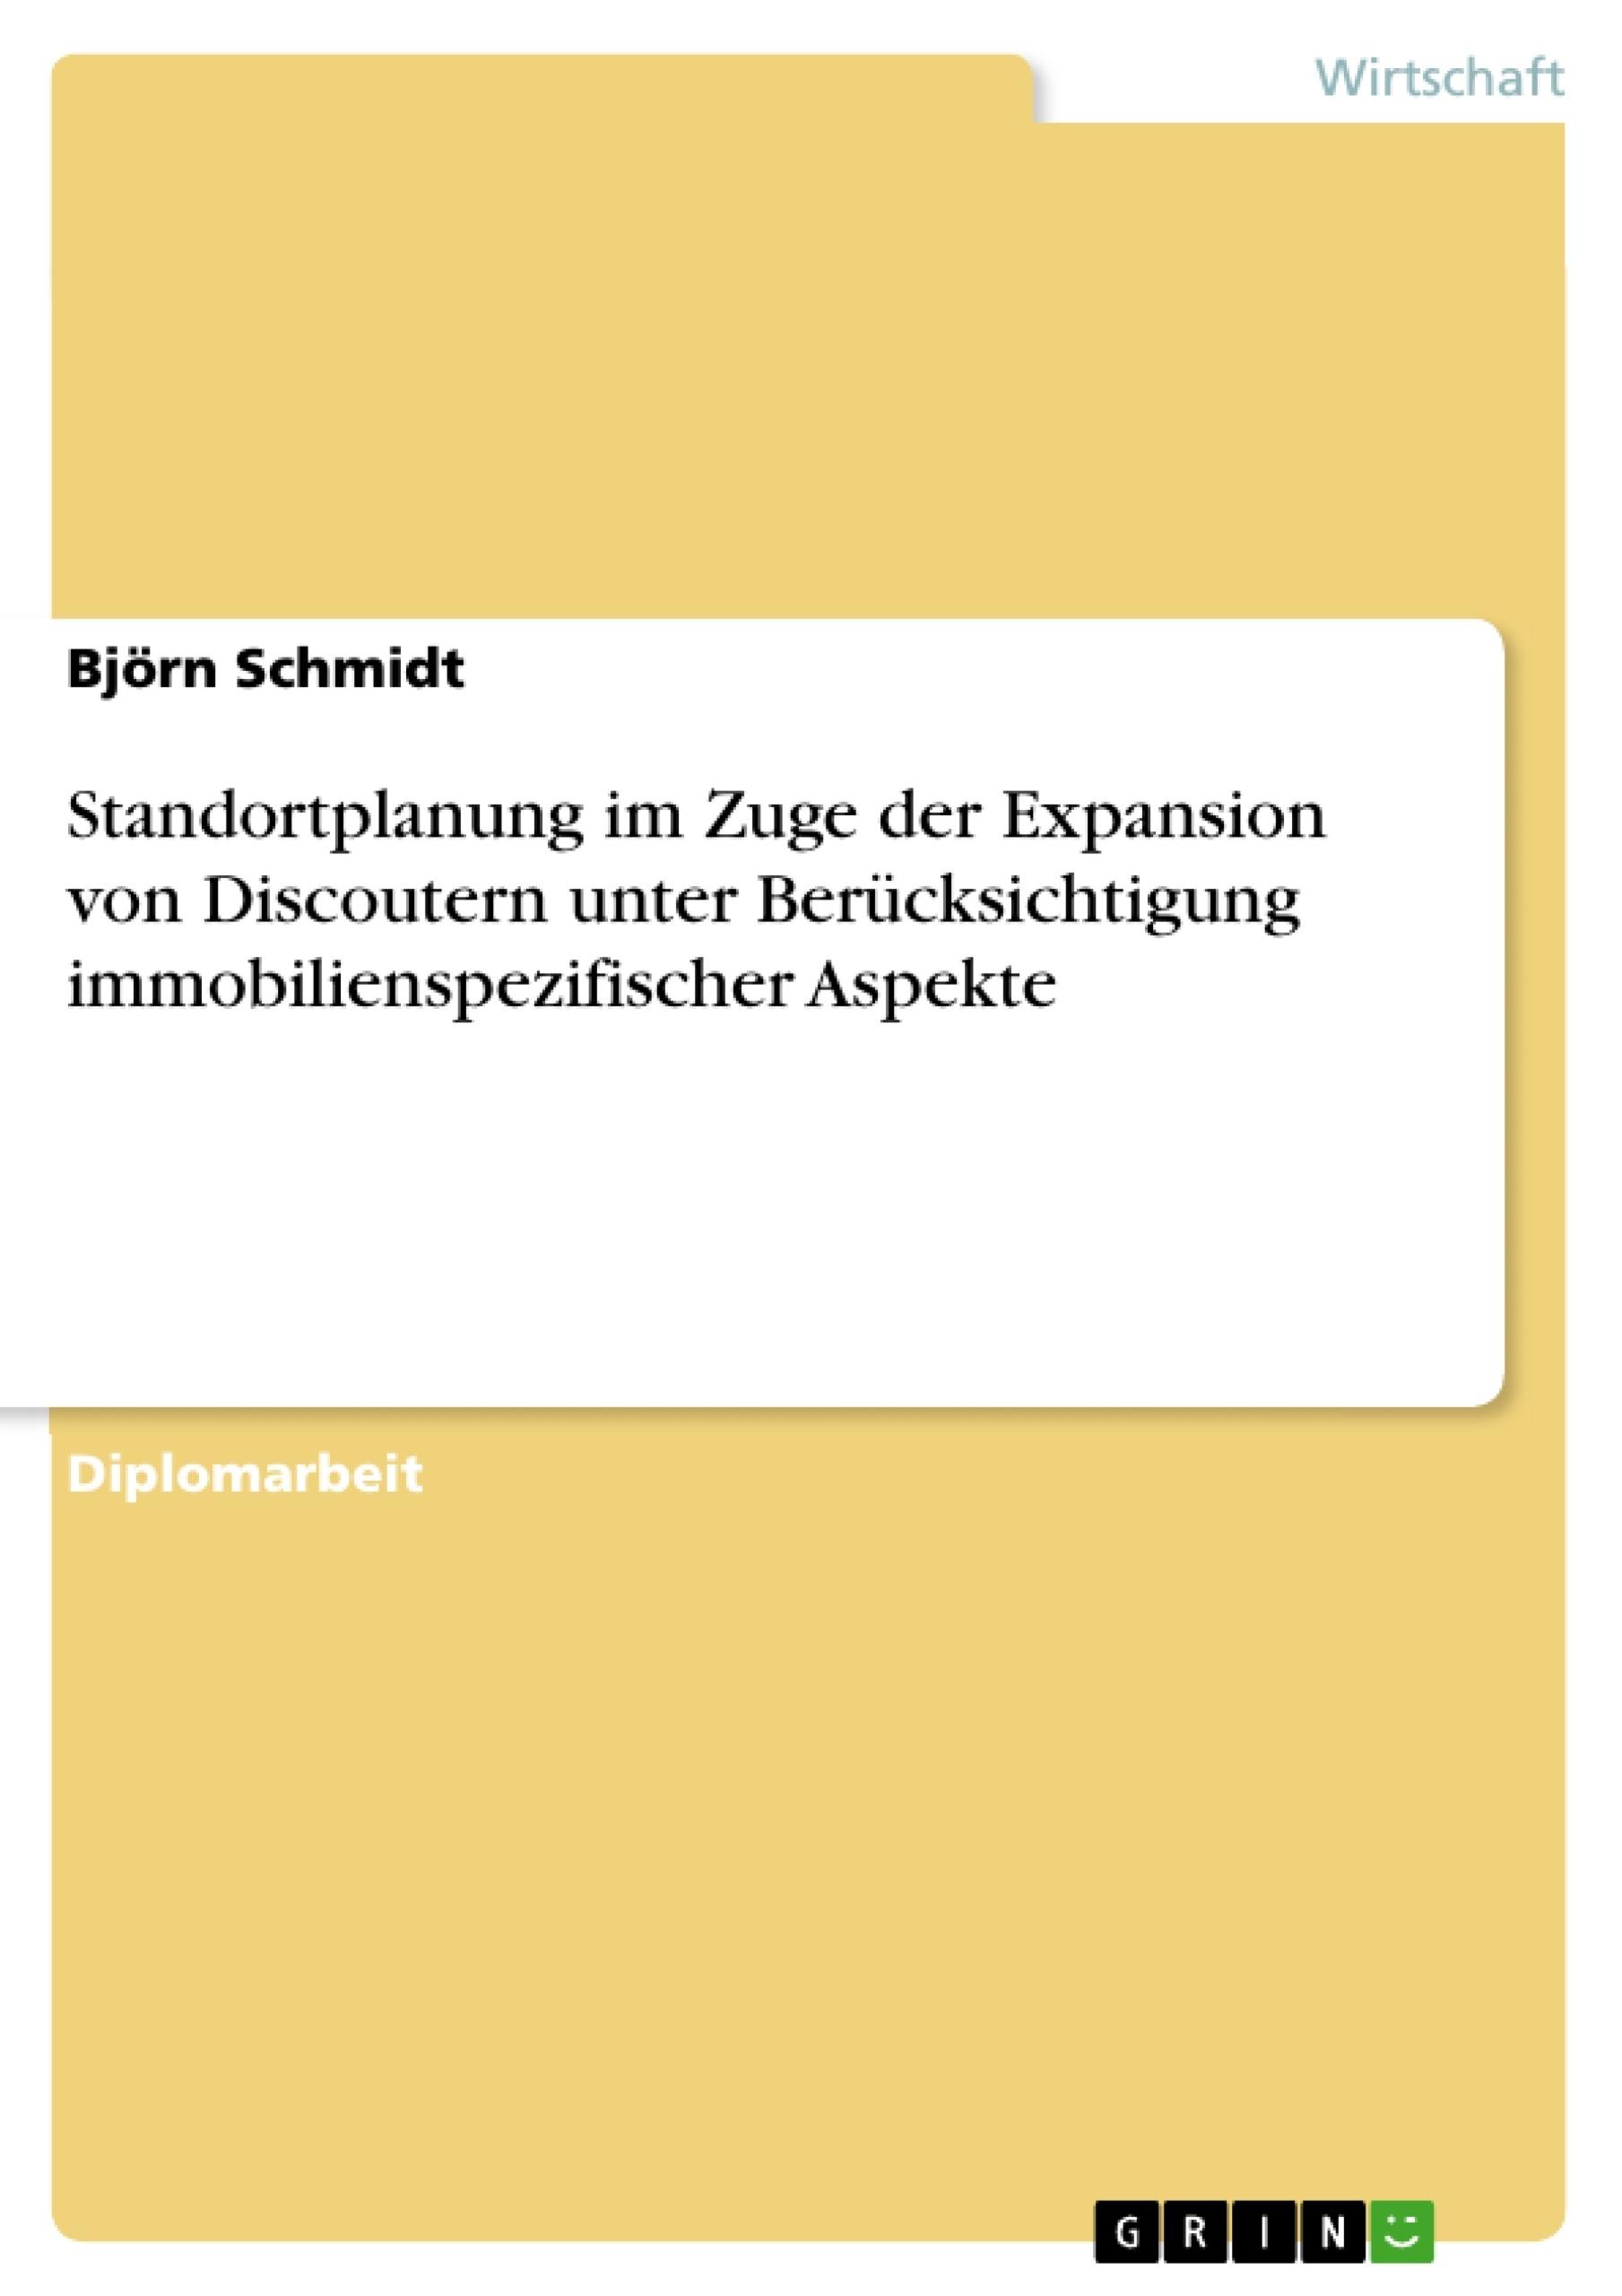 Titel: Standortplanung im Zuge der Expansion von Discoutern unter Berücksichtigung immobilienspezifischer Aspekte